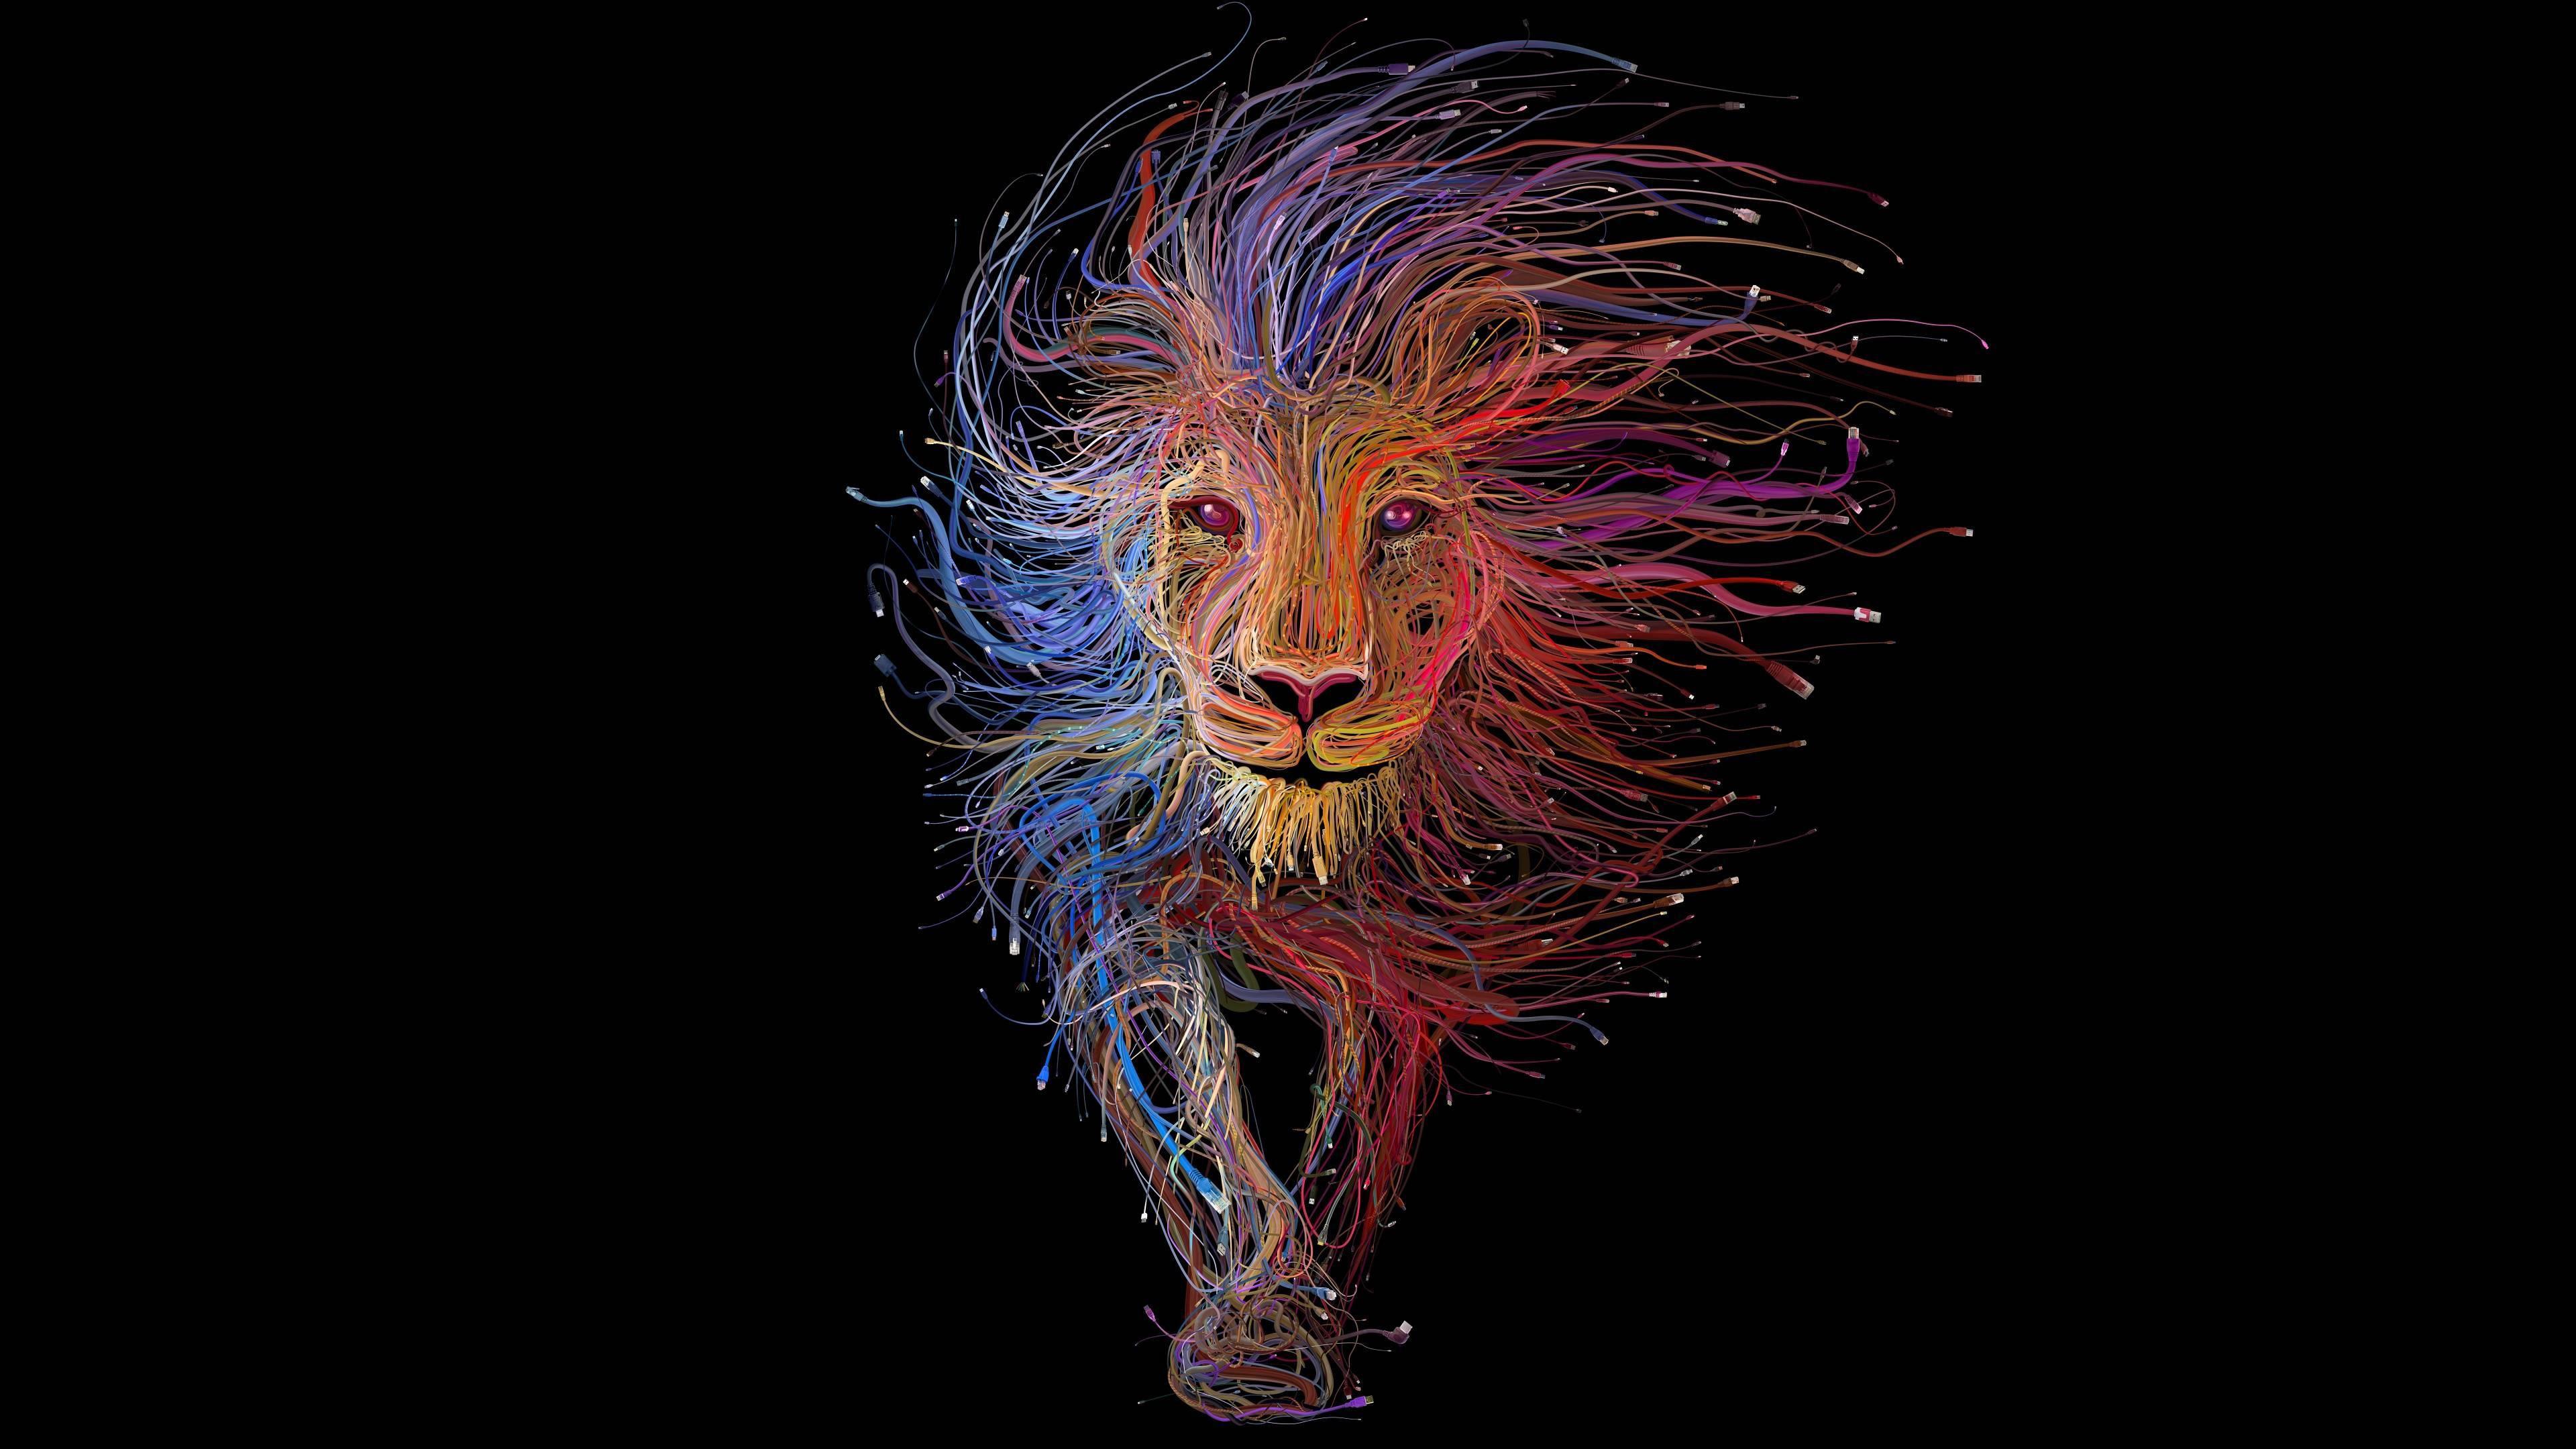 Hình nền laptop cung sư tử